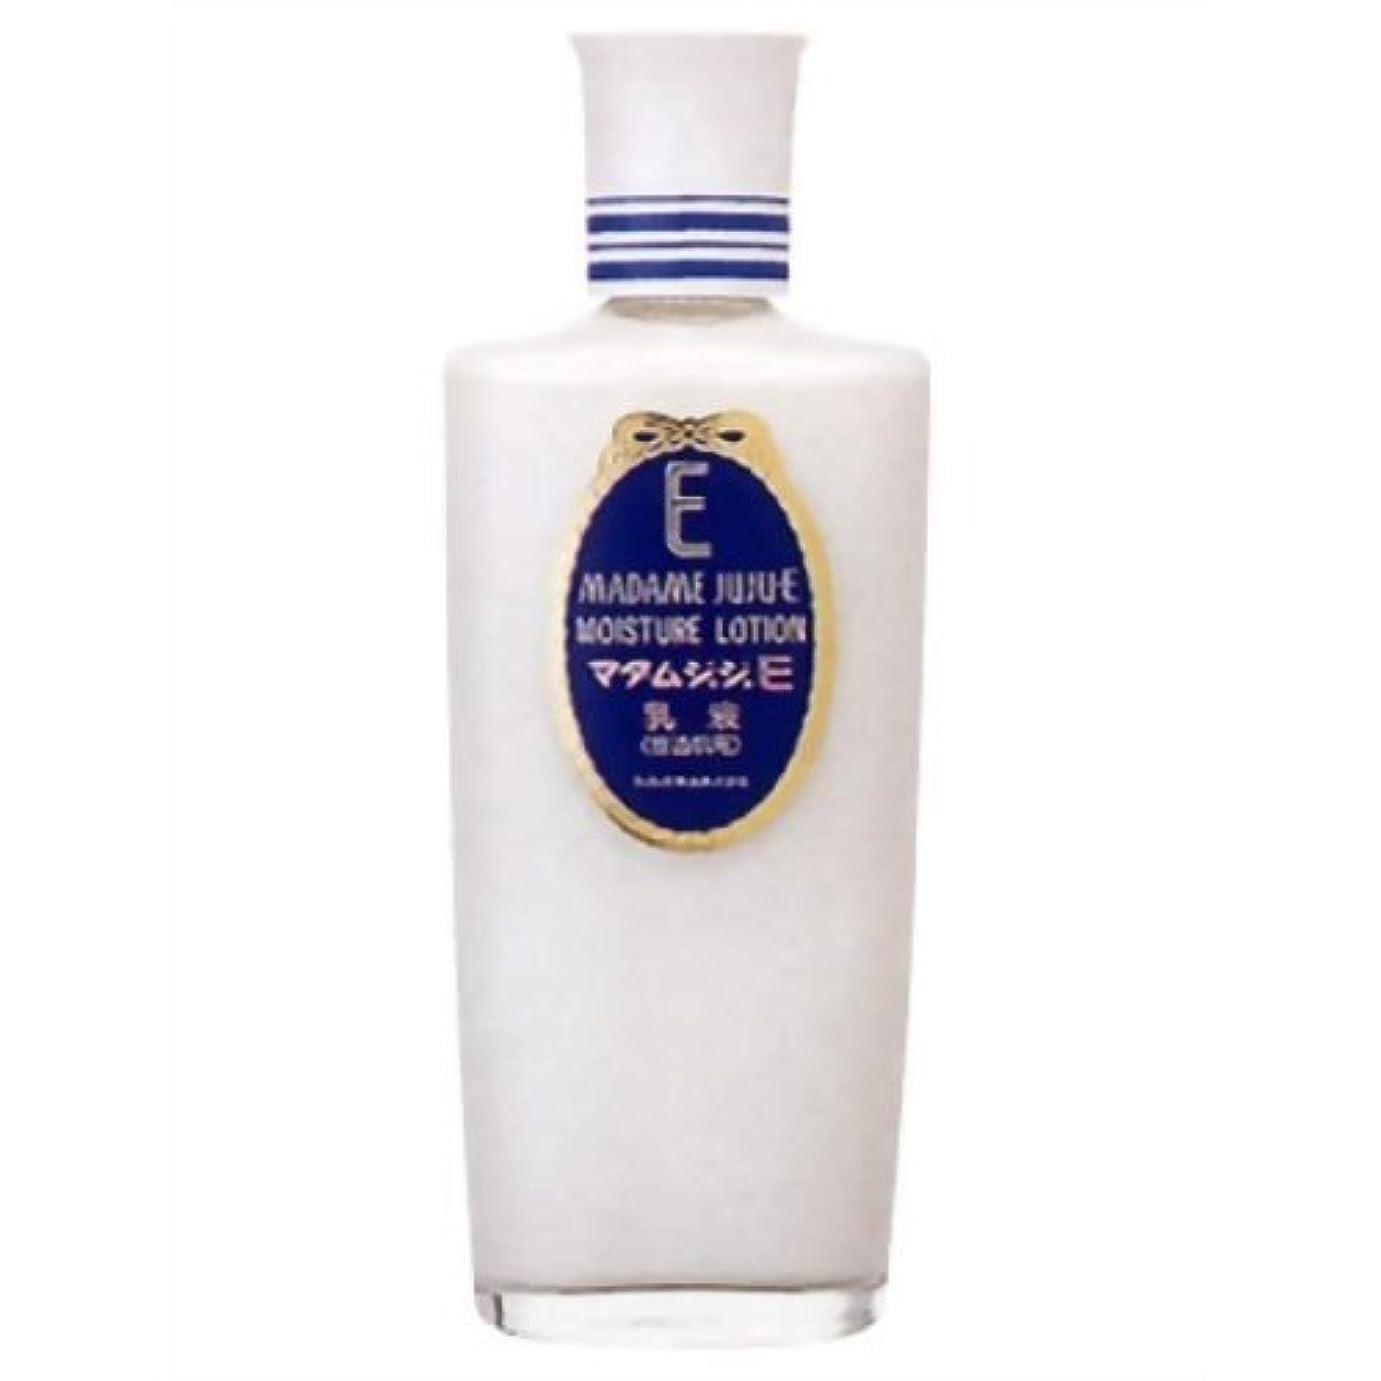 ほのめかすワーディアンケース同行マダムジュジュE 乳液 ビタミンE+卵黄リポイド配合 150ml